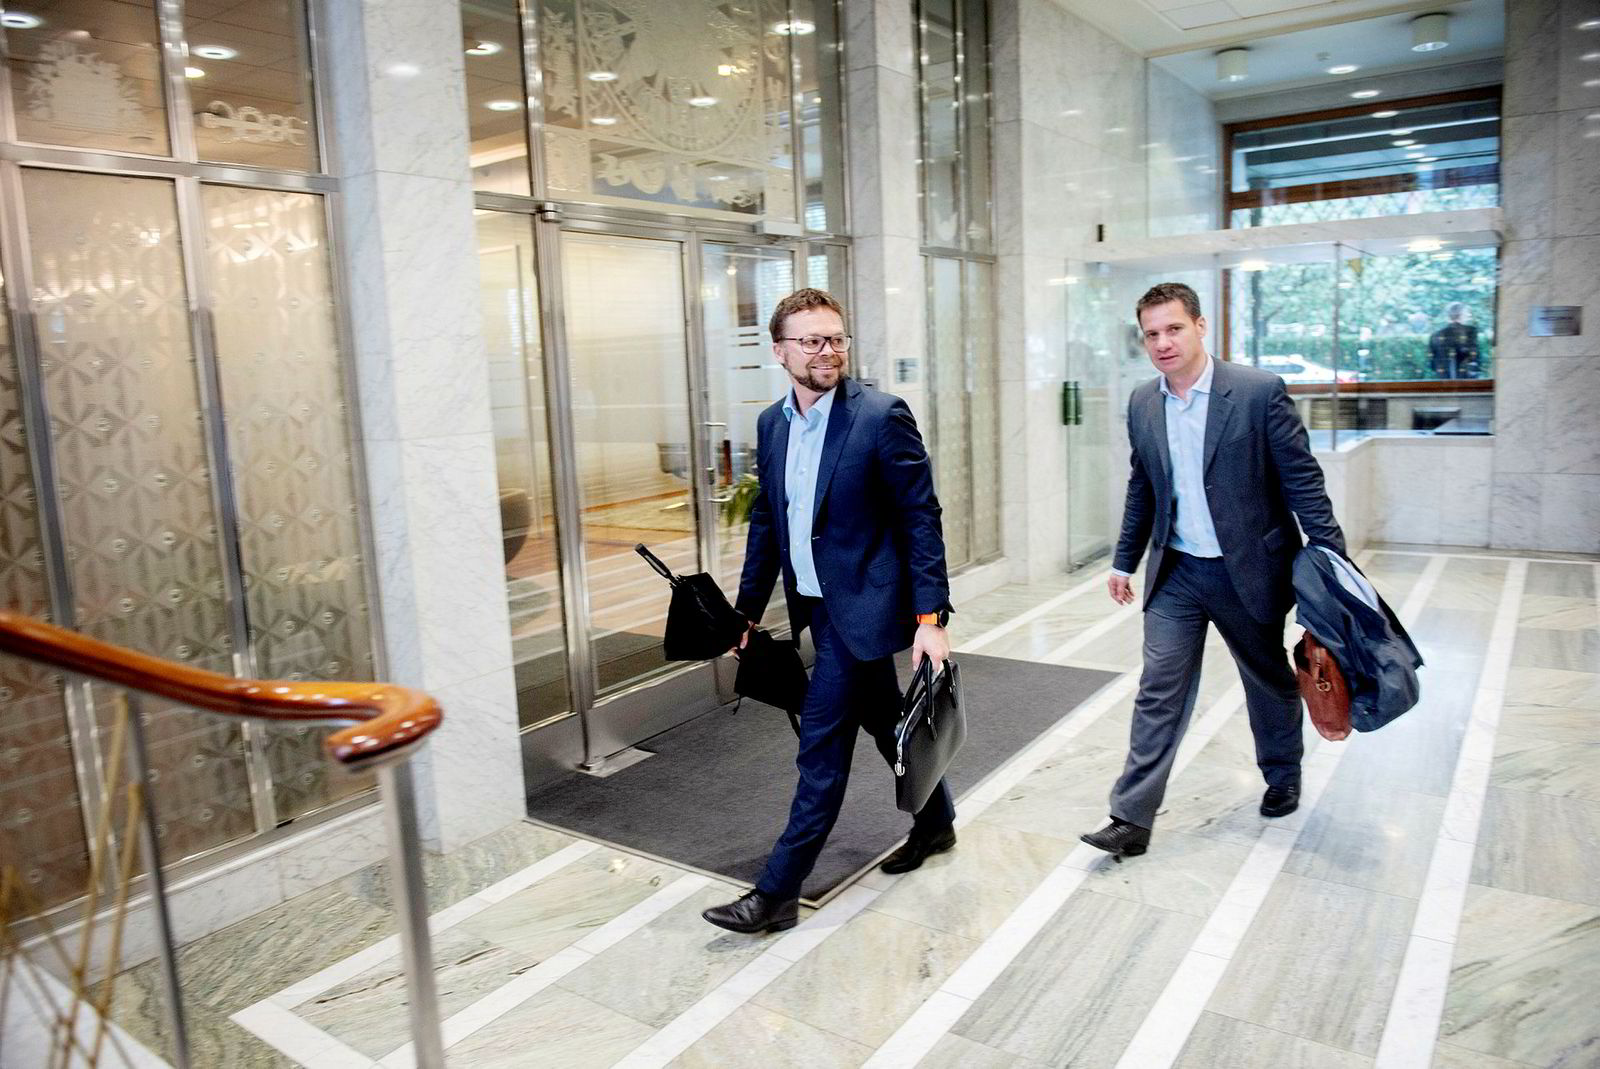 Administrerende direktør Anders Fjeld i Kid (til venstre) og finansdirektør Henrik Frisell.